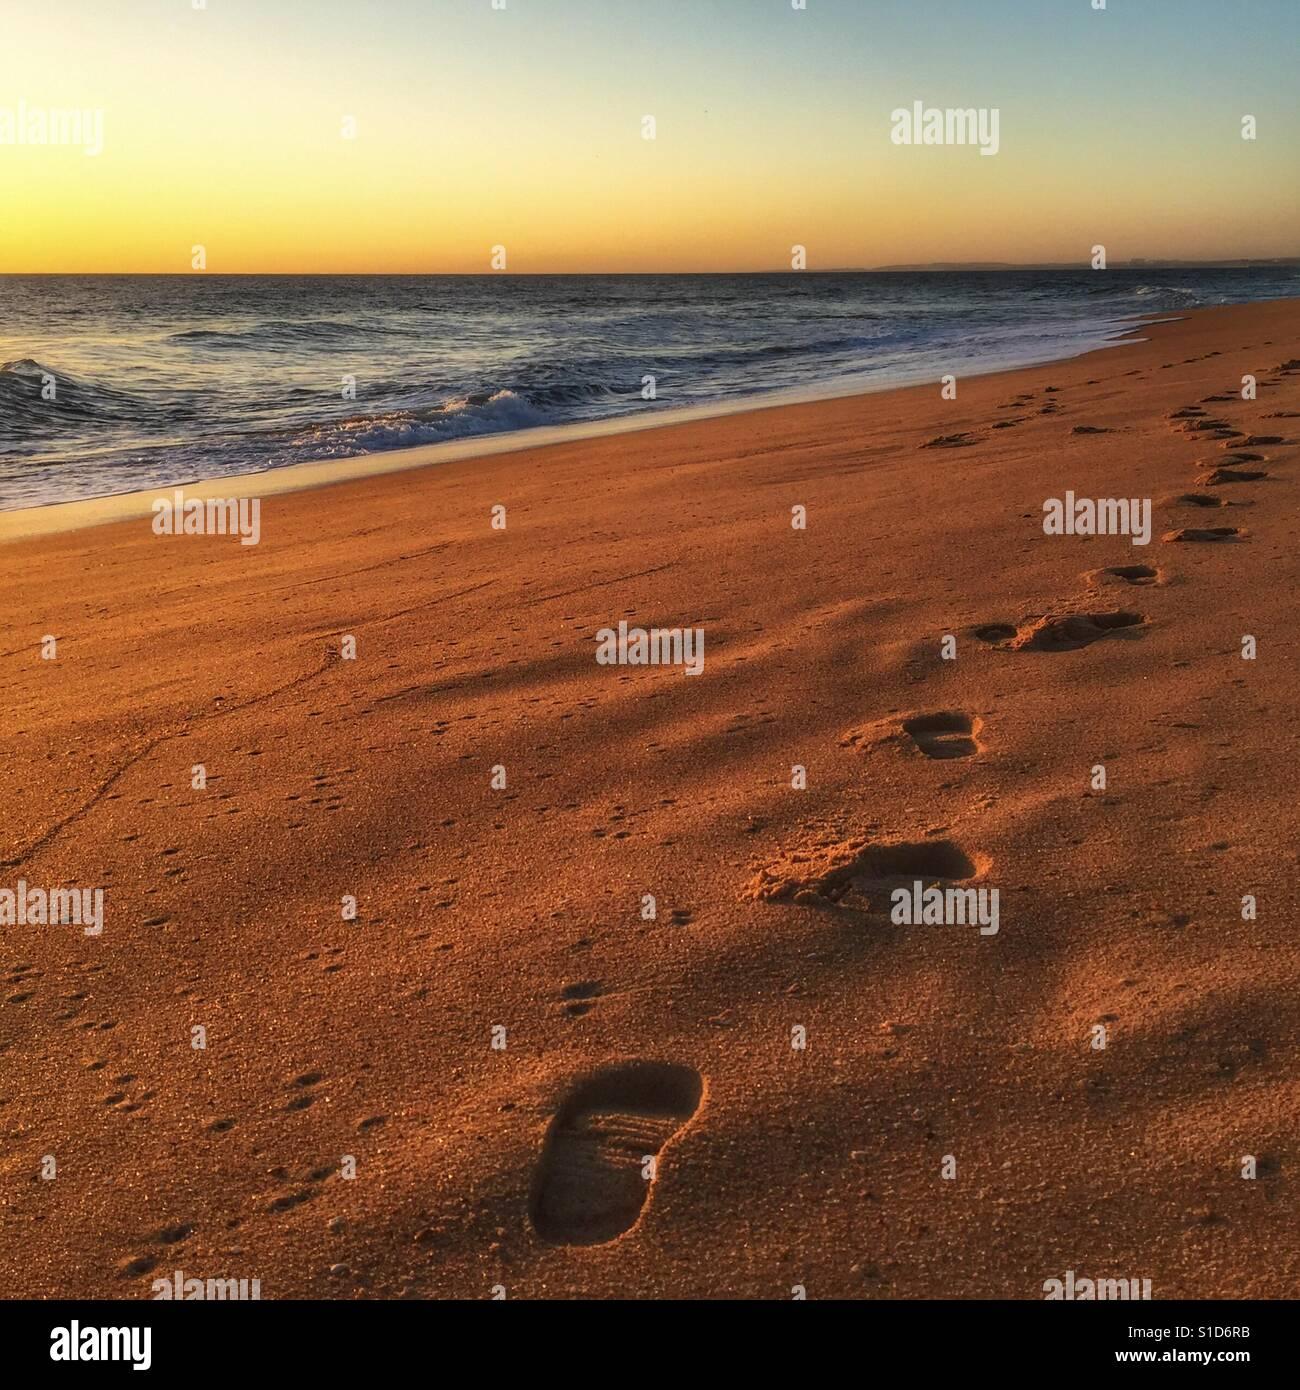 Sonnenuntergang an einem Strand in Portugal mit Fuß druckt in den Sand führenden von in bis zum Horizont. Stockfoto